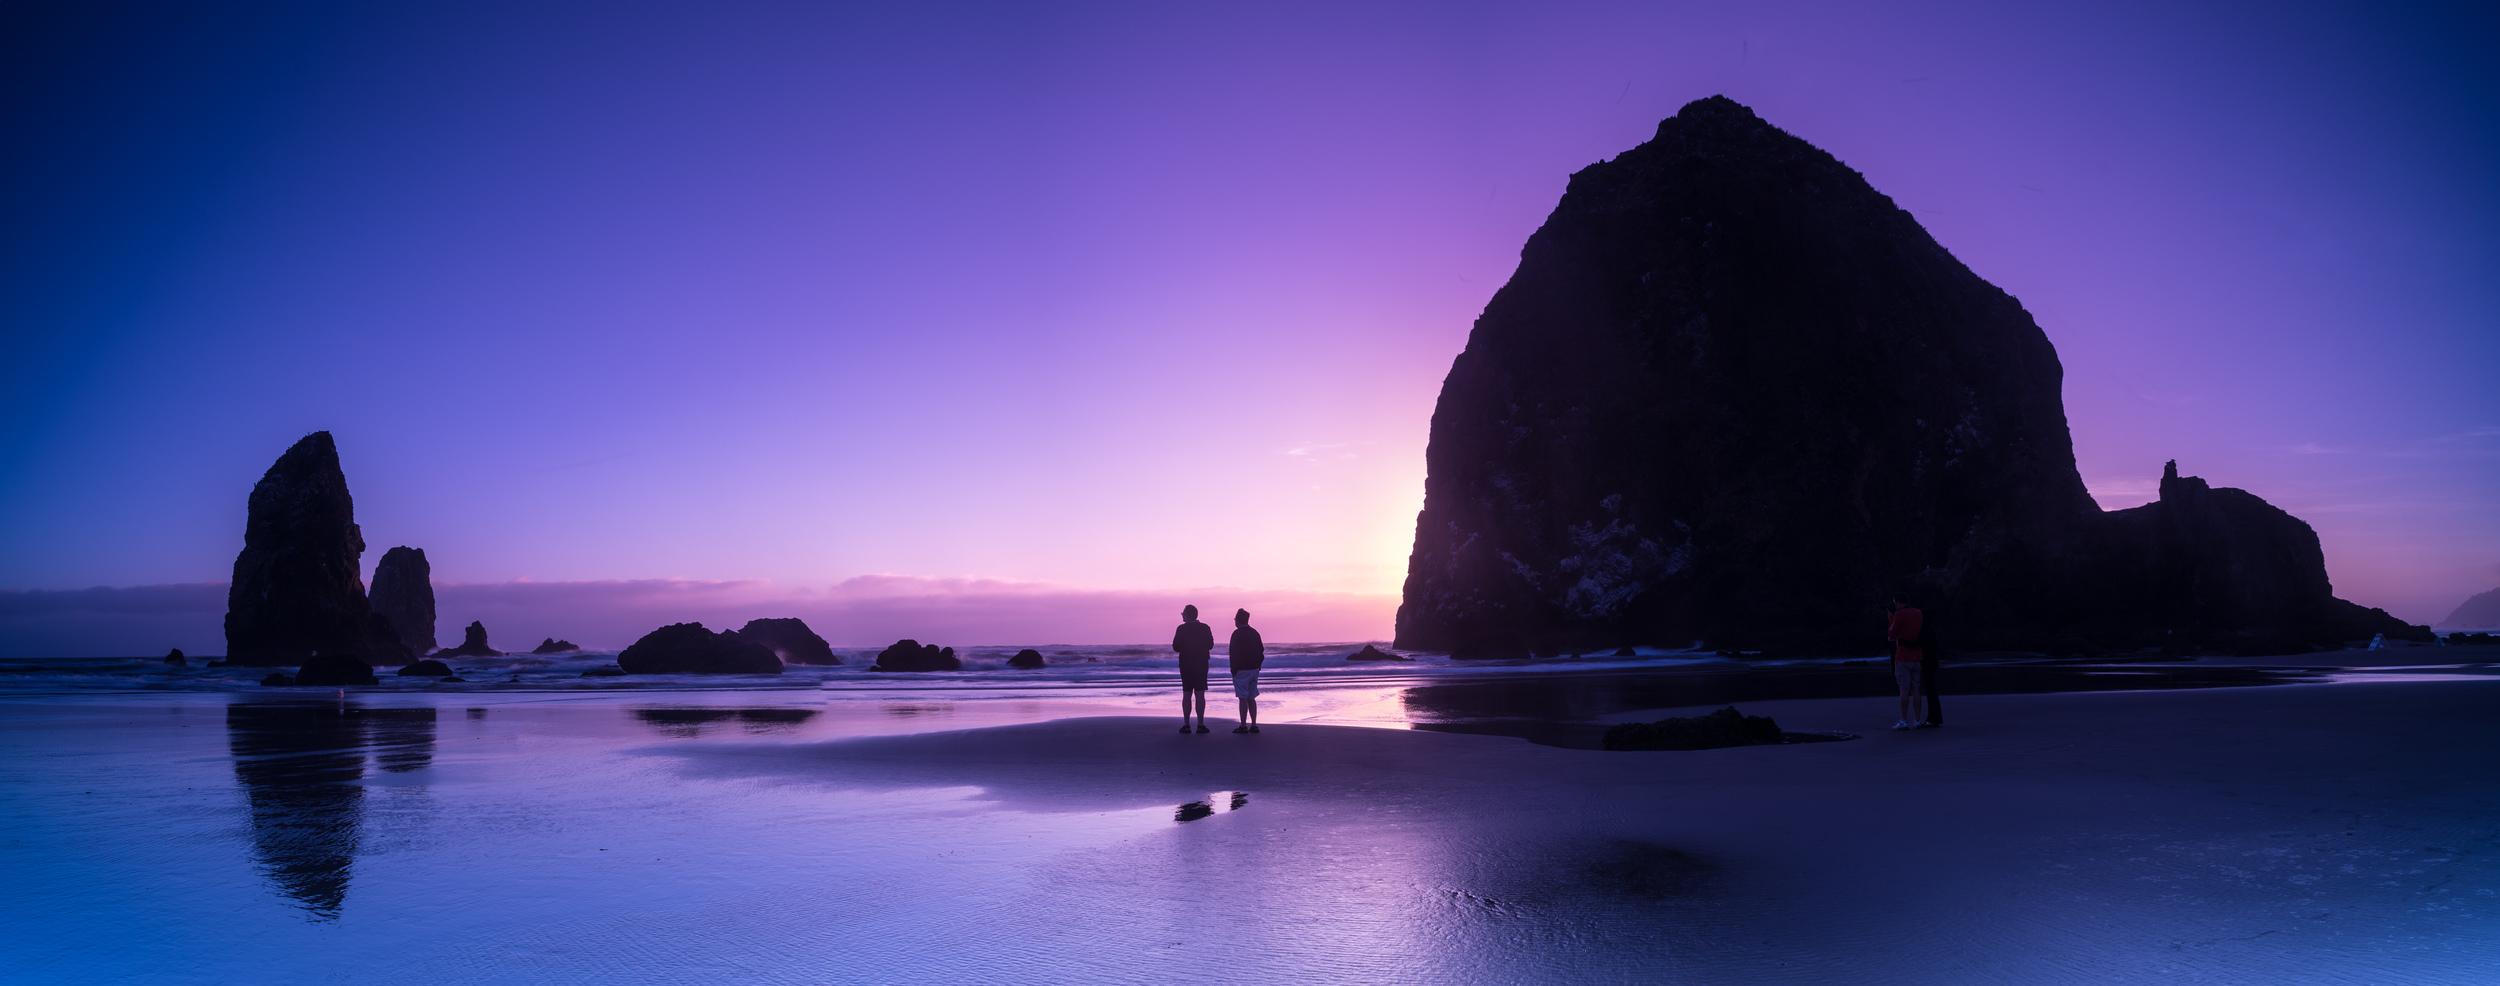 Haystack Rock at dusk.